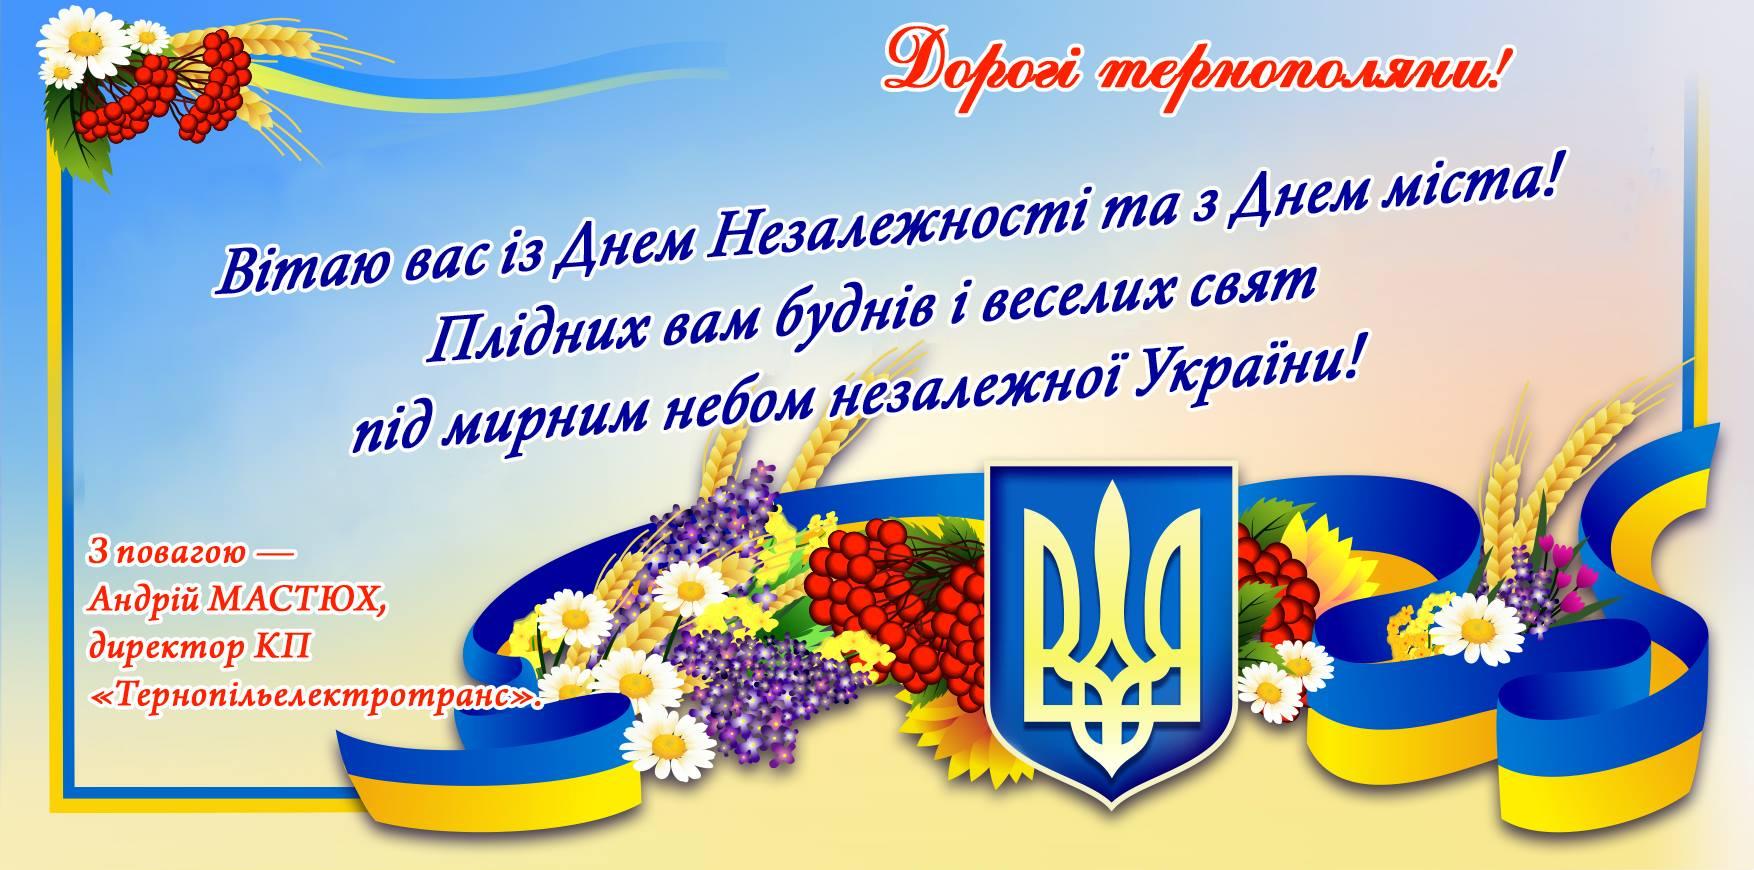 Вітання з Днем Незалежності!